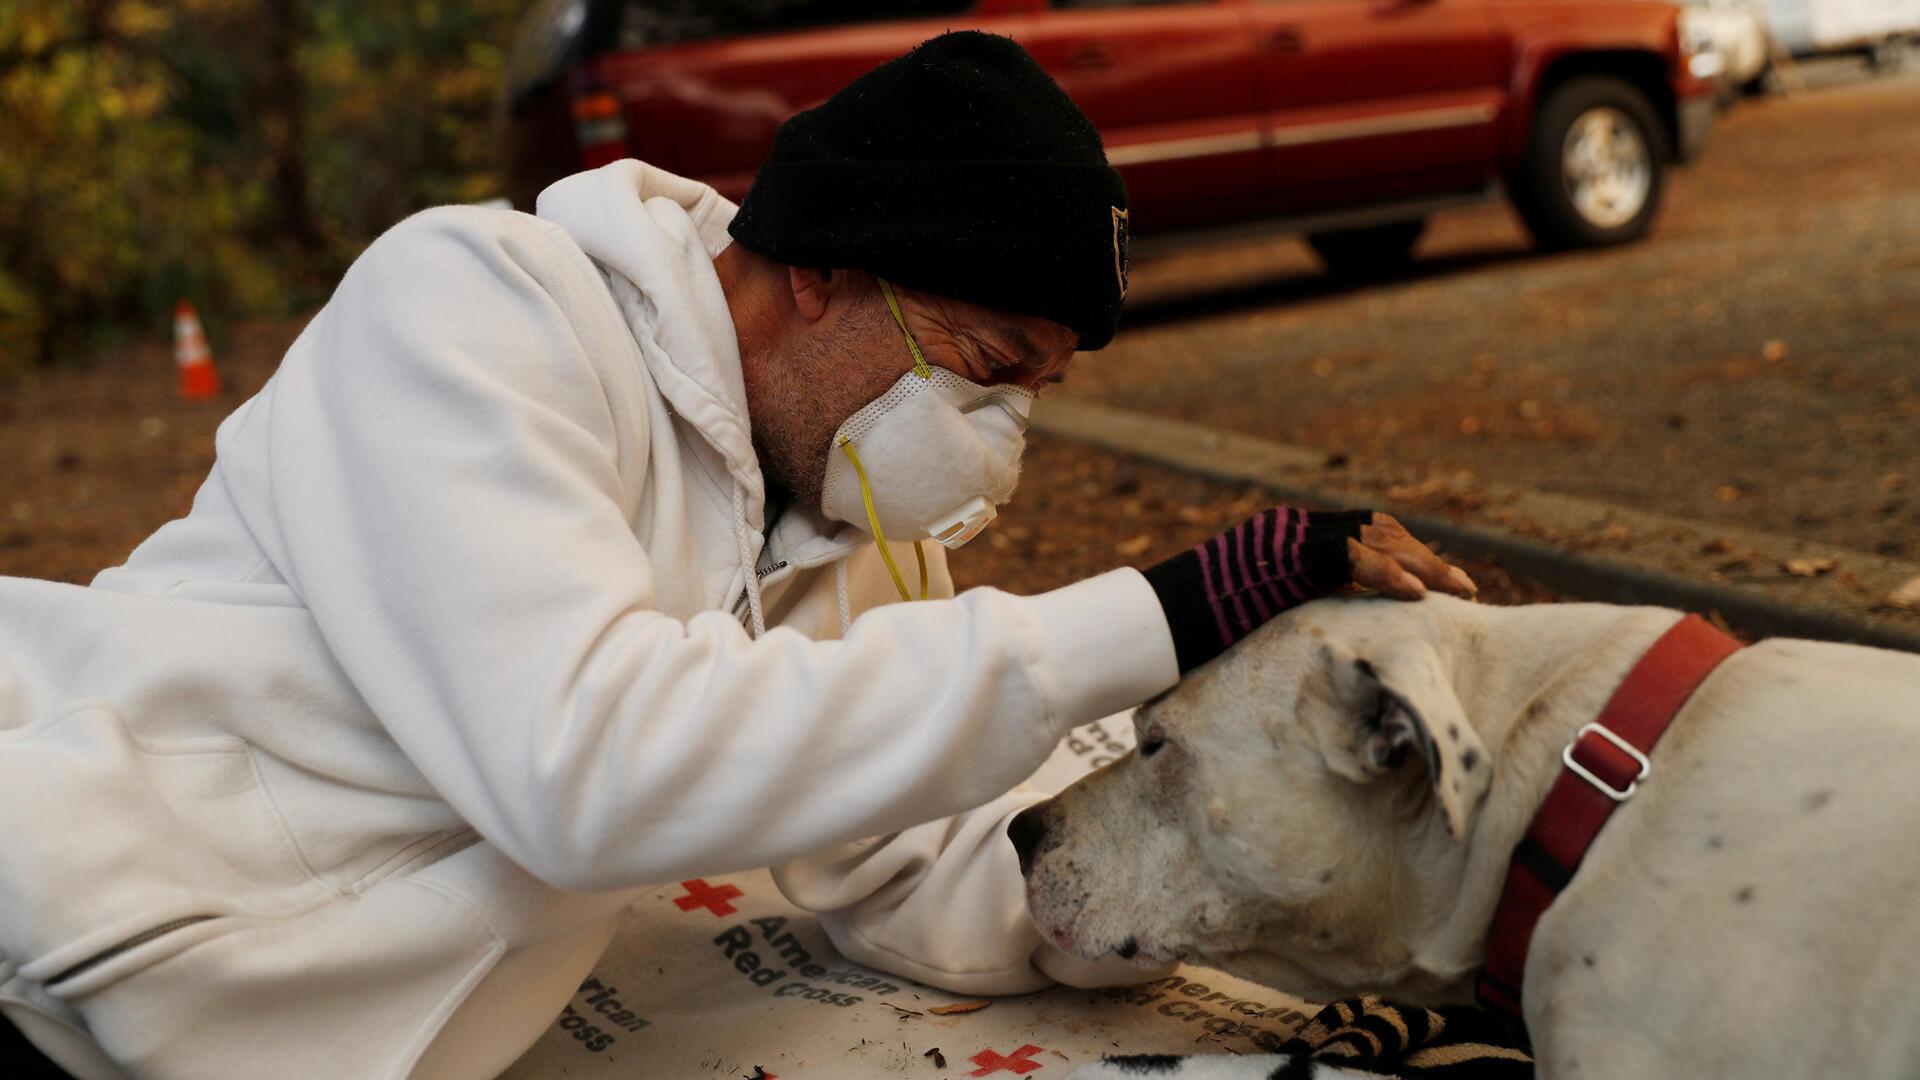 El evacuado Brian Etter y su perro Tone, que caminaron a pie para escapar del Camp Fire, descansan en el estacionamiento de Neighborhood Church of Chico, en Chico, California , EE. UU., 11 de noviembre de 2018.